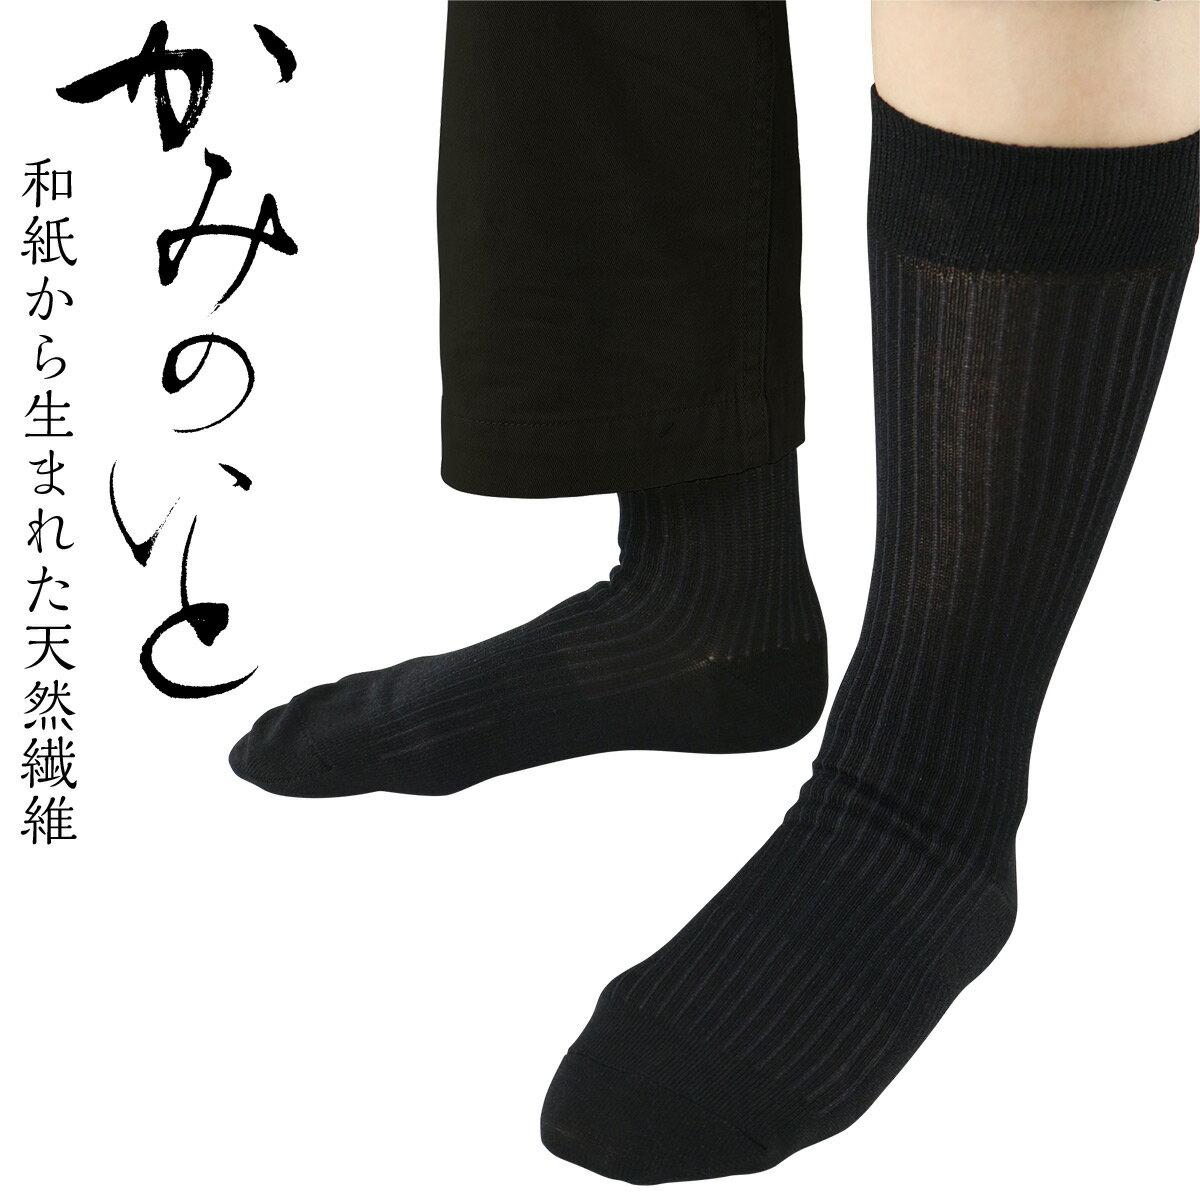 和紙から生まれた天然繊維紙から生まれた かみのいと OJO+ 軽量 吸水速乾 無地 日本製メンズ クルー丈 ソックス 和紙 靴下 男性 メンズ プレゼント 贈答 ギフト2997-401ポイント10倍